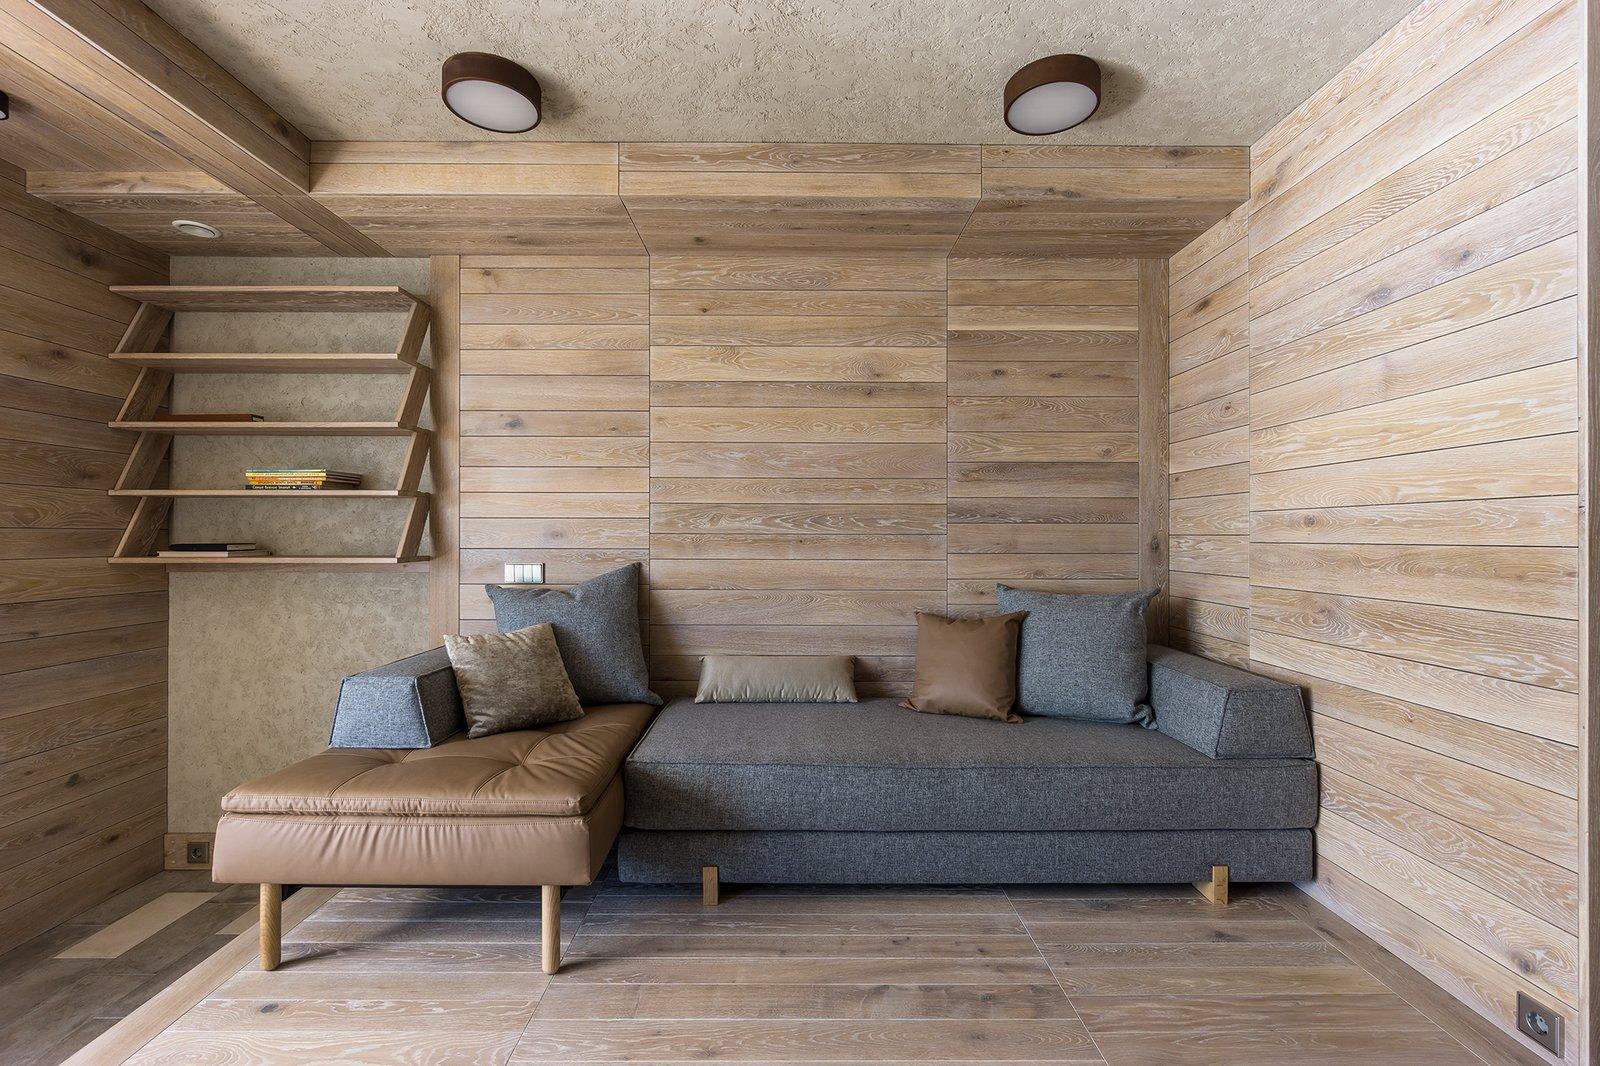 Guest area  NagatinSky by Alexey Rozenberg